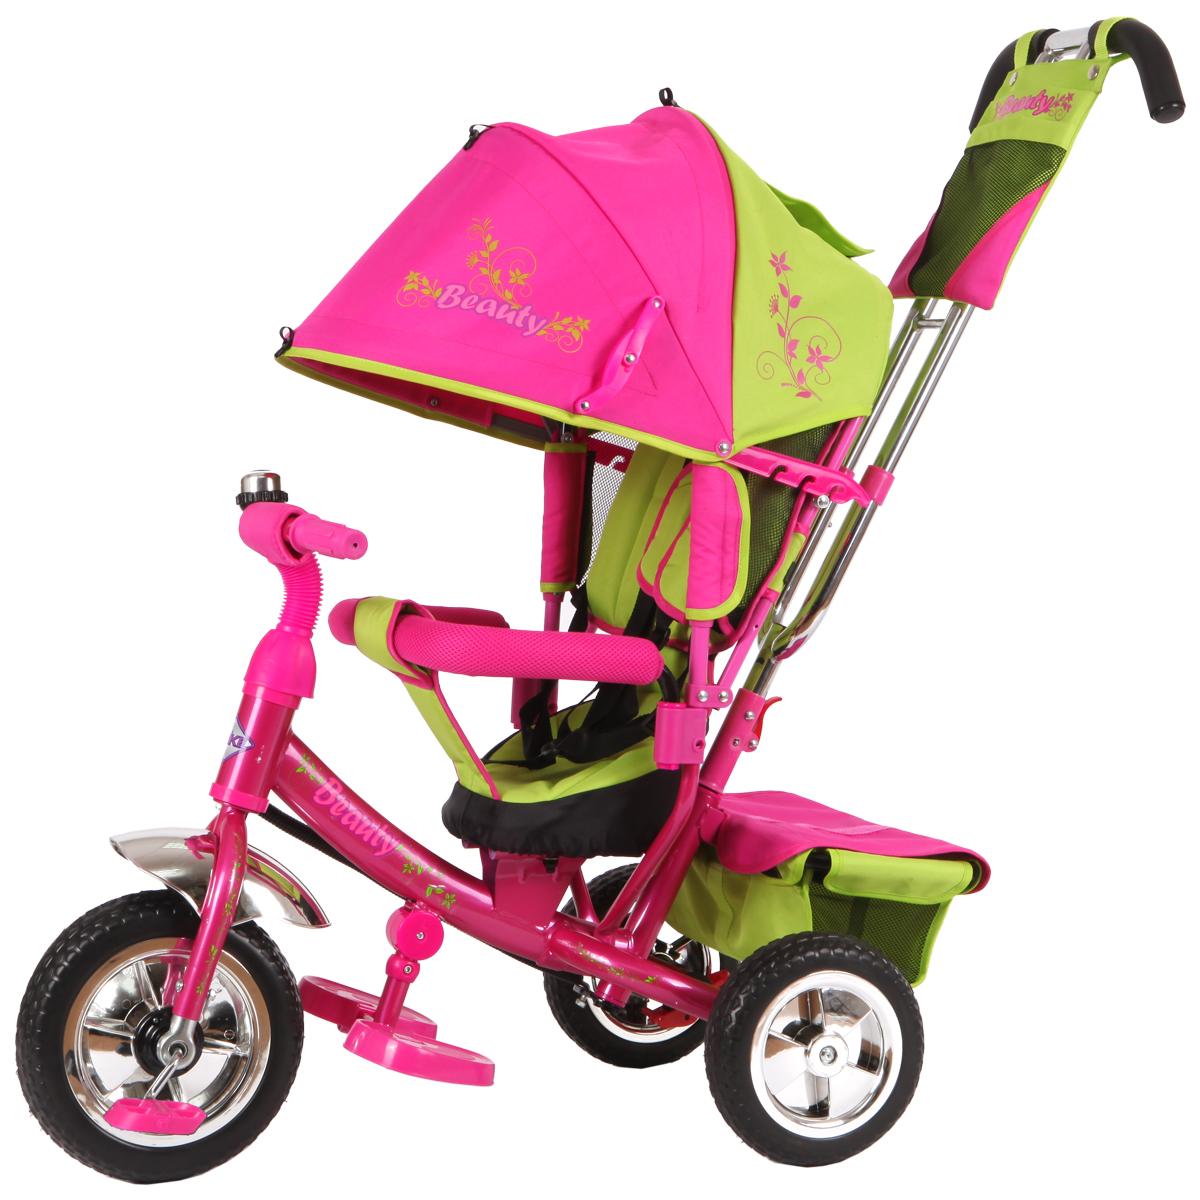 Beauty Велосипед трехколесный цвет зеленый розовый B2GPB2GPТрехколесный велосипед Beauty подойдет для малышей, которые только осваивают этот вид транспорта. Катание на велосипеде положительно влияет на физическую форму ребенка и улучшает координацию движений. Данная модель детского велосипеда имеет съемную крышу, которая регулируется по высоте. Руль также изменяется по высоте. В этой модели предусмотрена подставка для ножек ребенка. Ребенок может держаться как за руль так и за специальный бортик, обитый мягкой тканью, который поможет ему удержаться на месте. Свободный ход колеса поможет маме легко управляться с велосипедом на прогулке. В корзине велосипеда удобно носить с собой необходимые на прогулке детские вещи. В конструкции велосипеда предусмотрен тормоз.Колеса пластиковые 10 и 8 в диаметре.